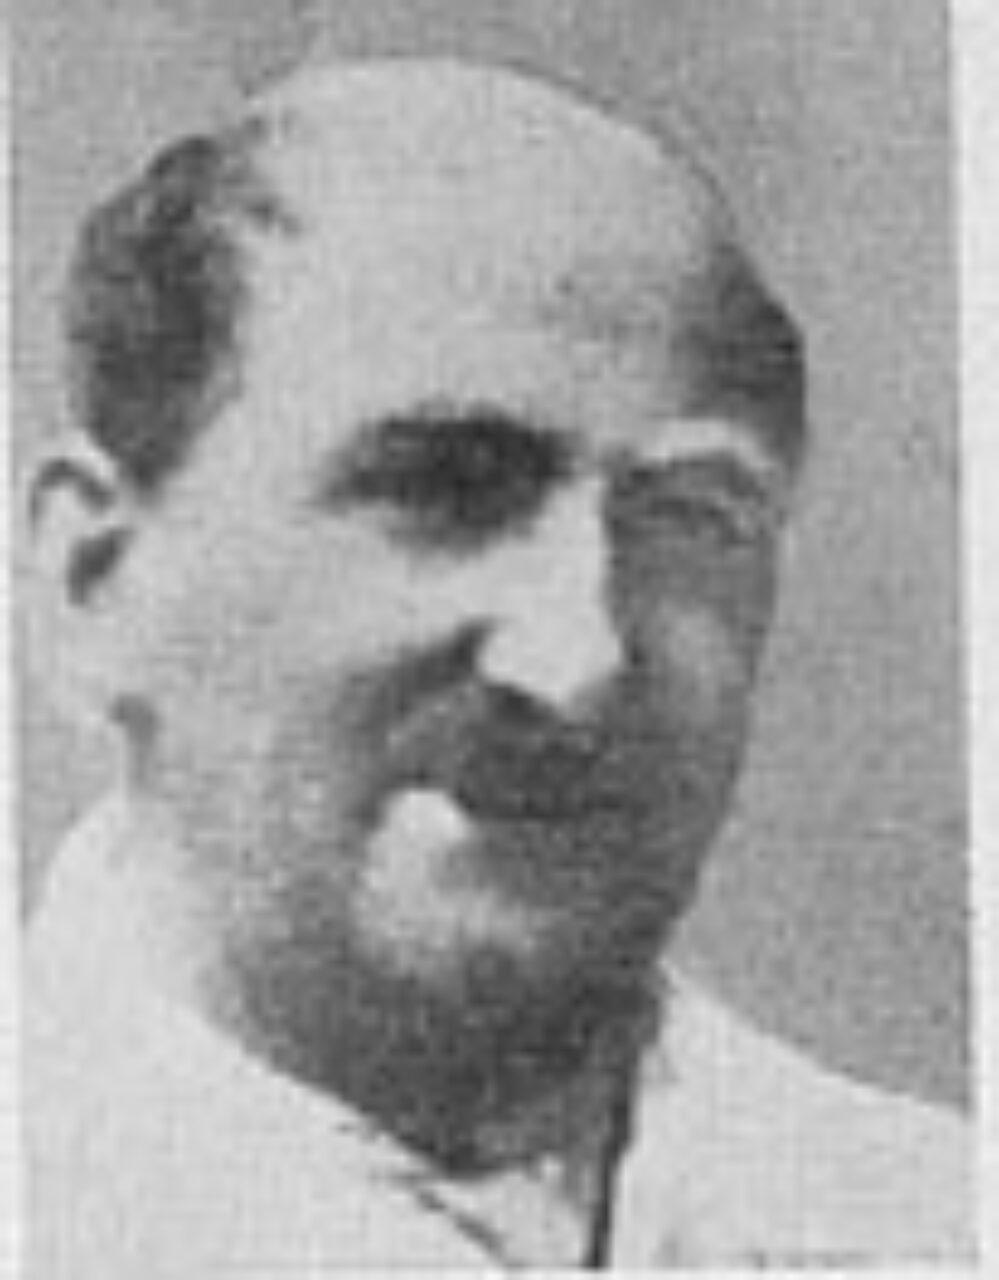 Ludvig Ludvigsen